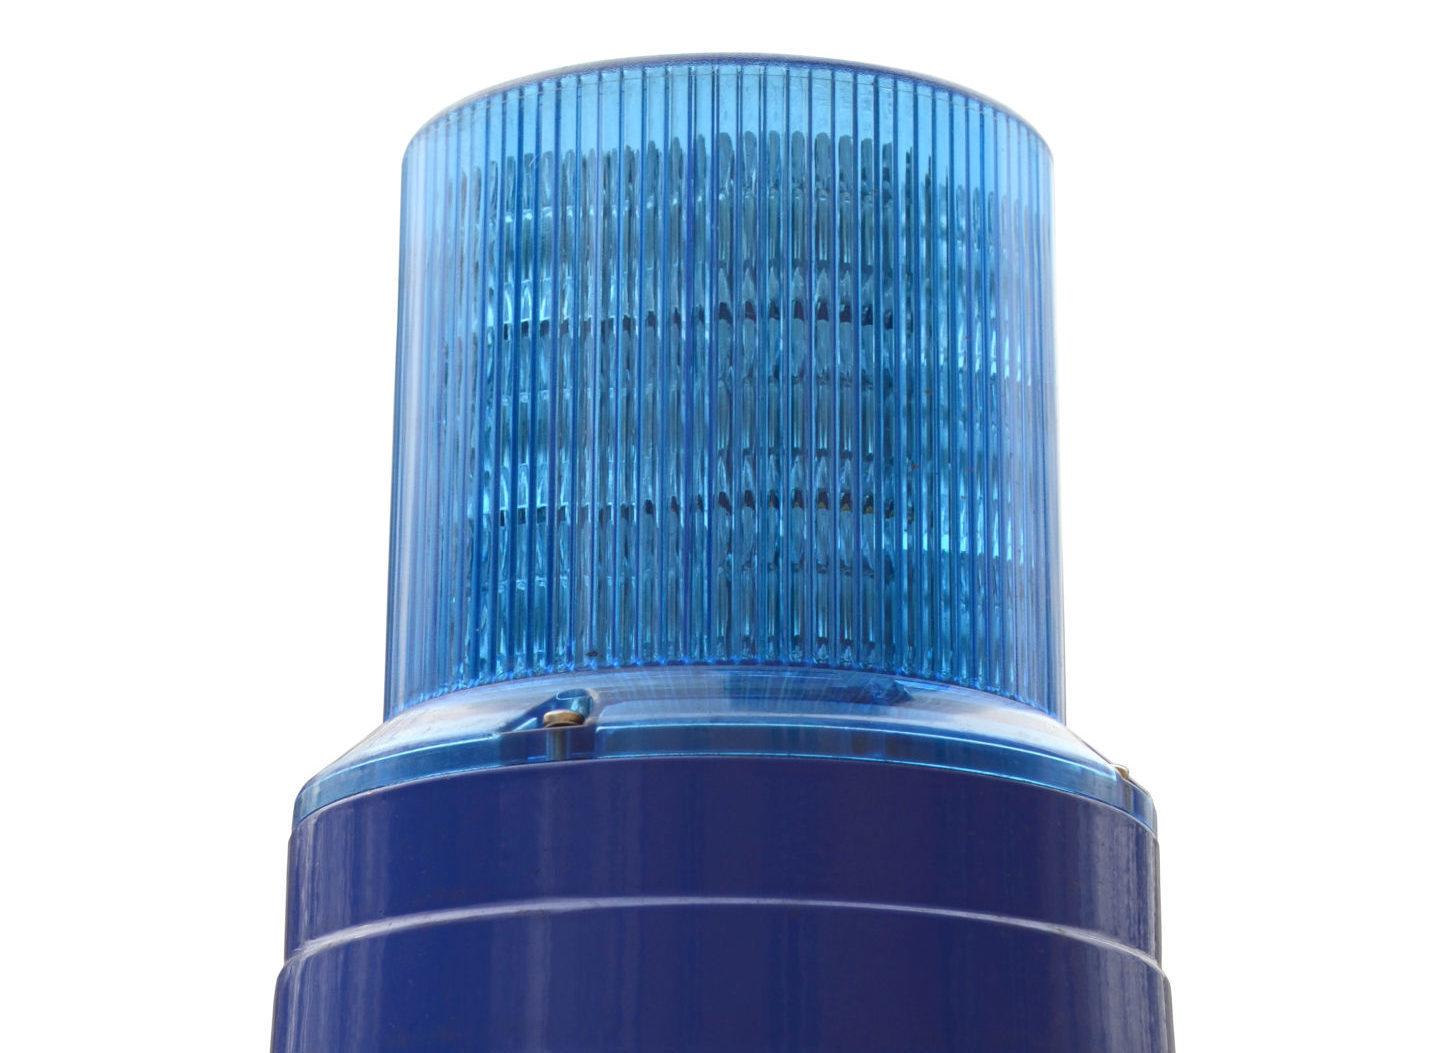 Blaulichtsteuer